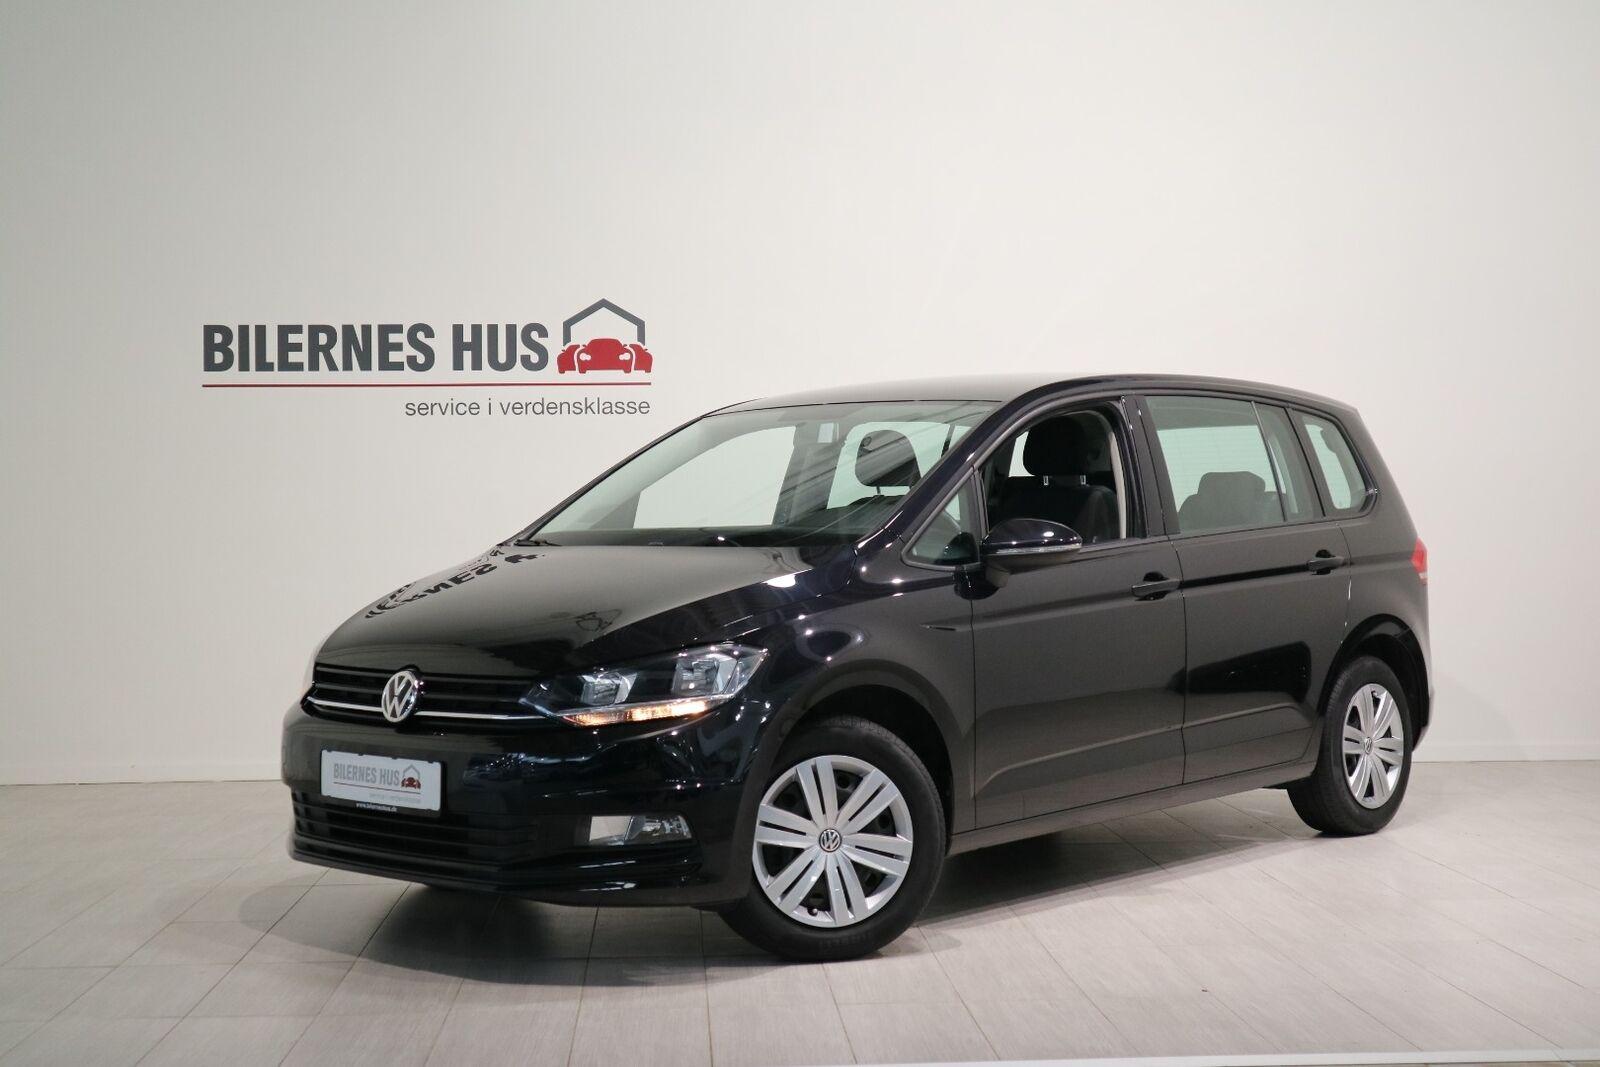 VW Touran 1,2 TSi 110 Trendline 7prs 5d - 228.880 kr.